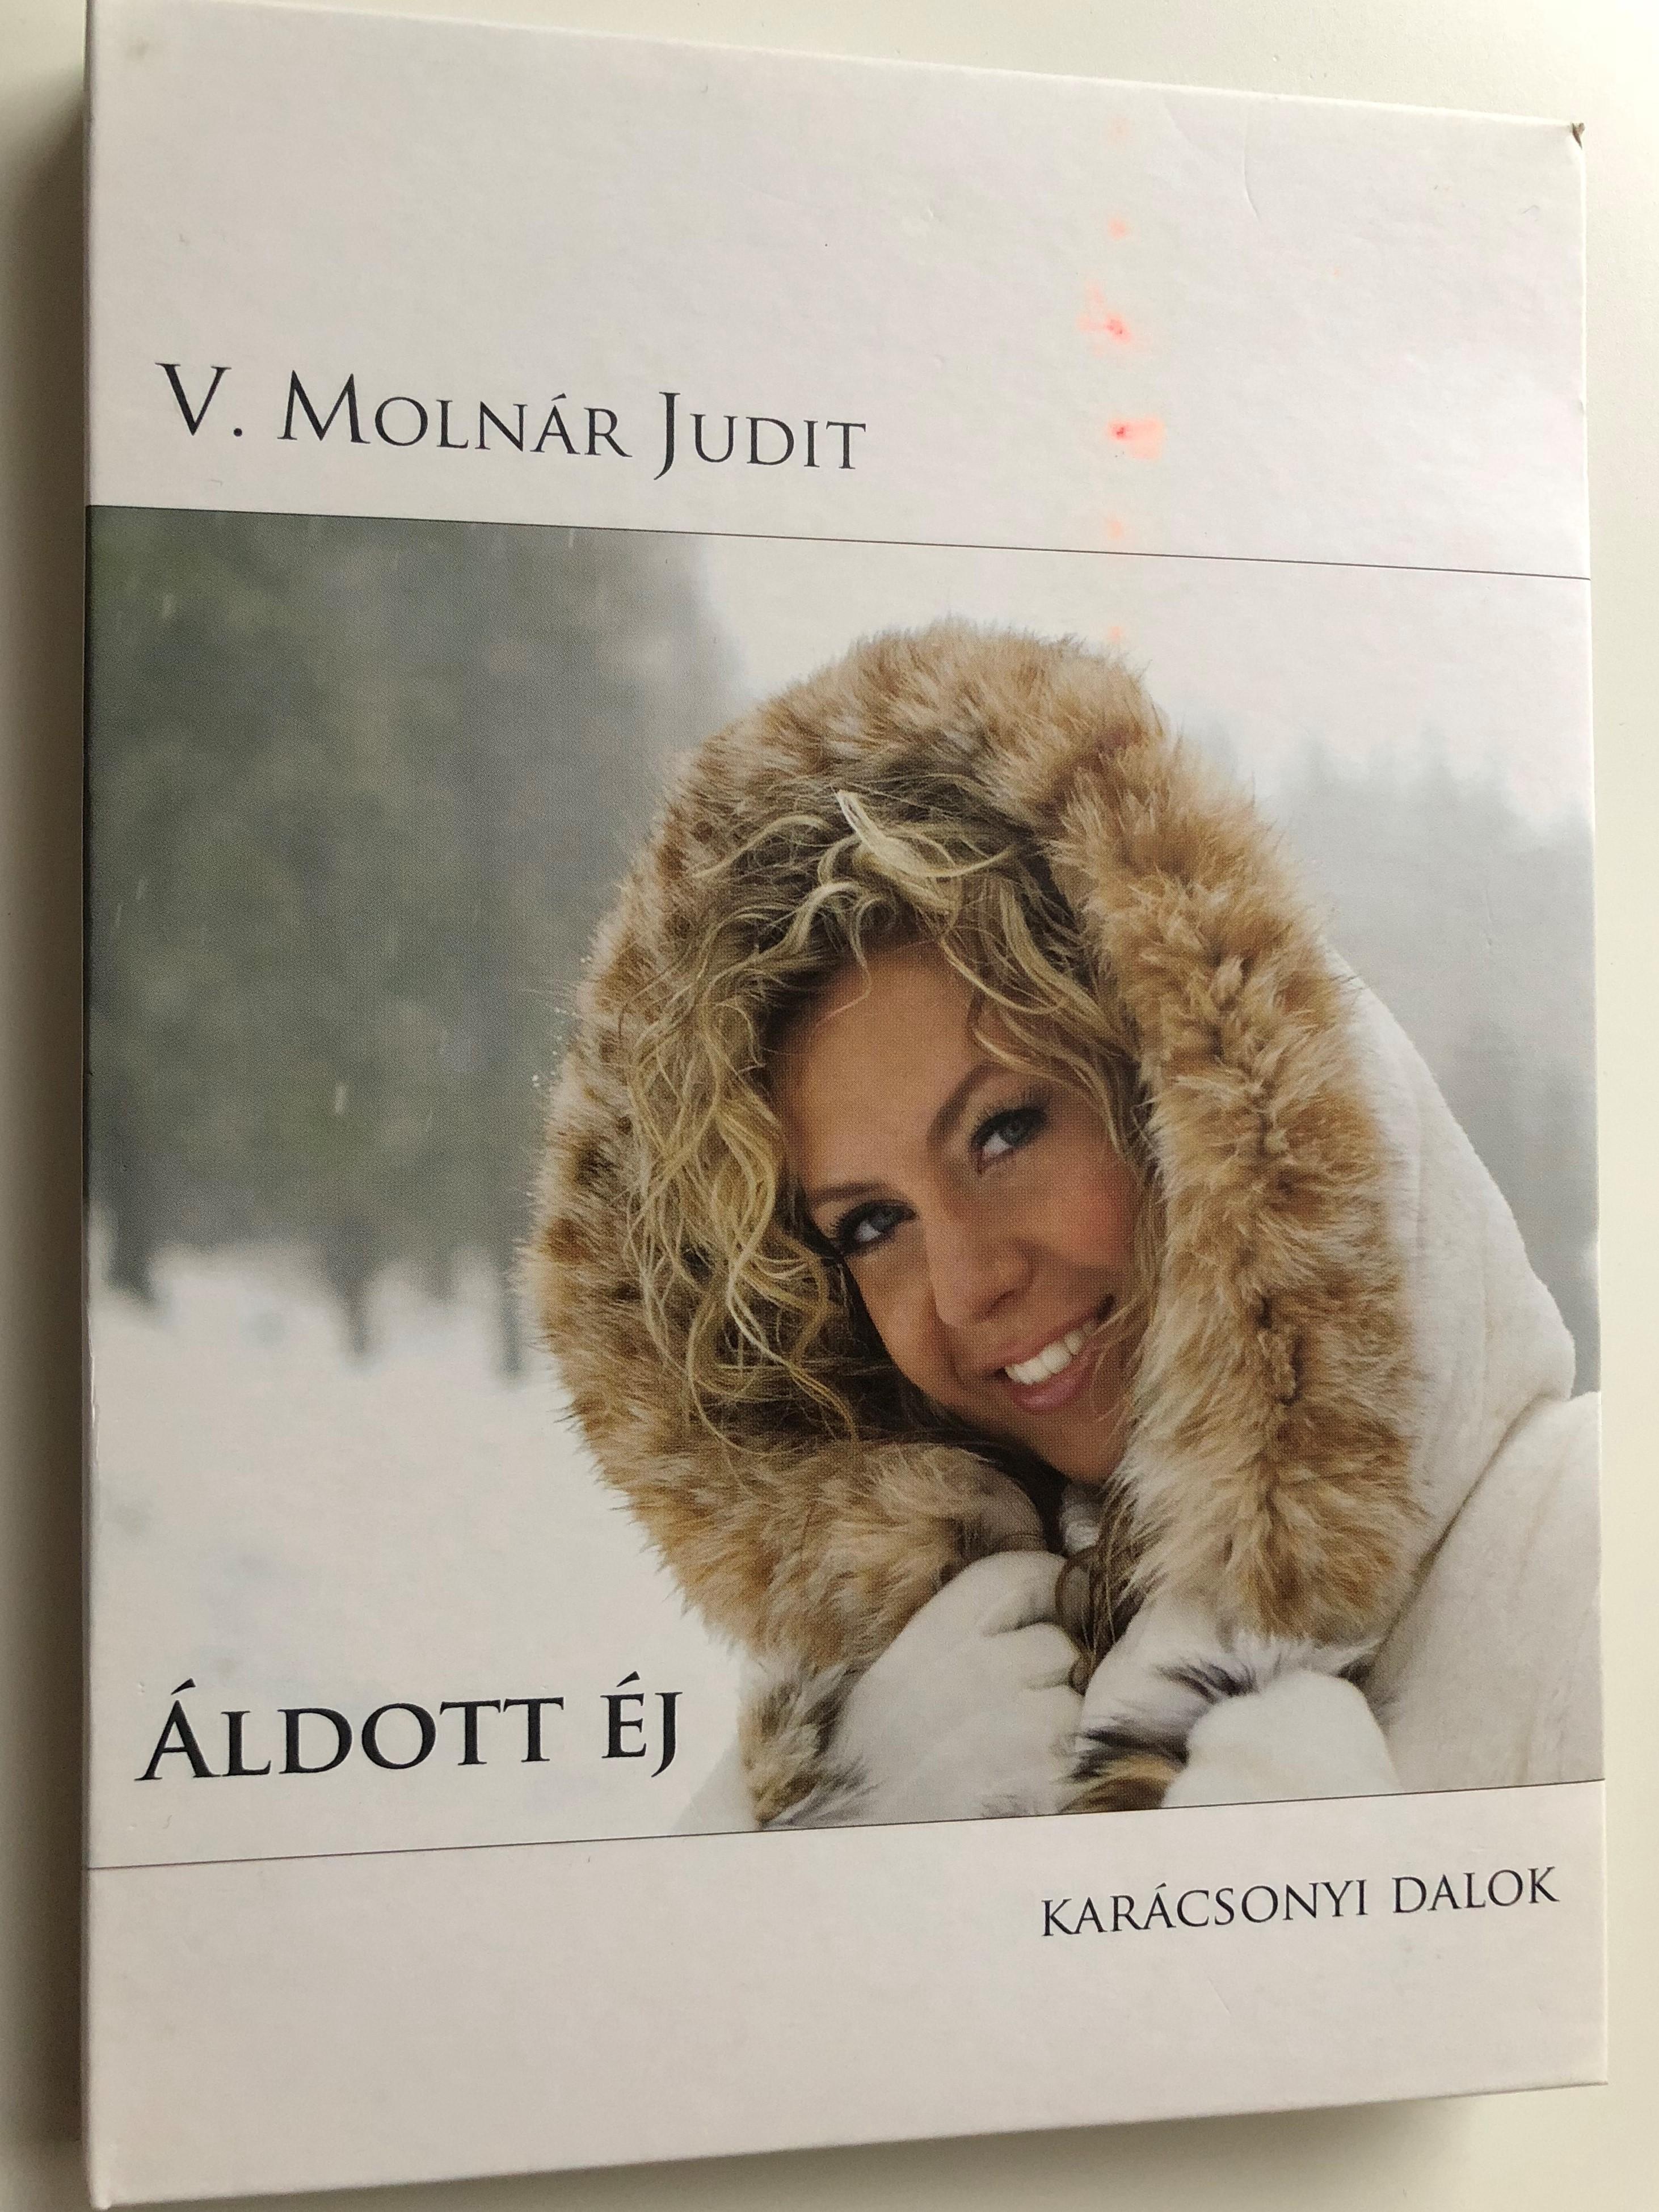 -v.-moln-r-judit-ldott-j-cd-dvd-2007-kar-csonyi-dalok-christmas-songs-h-feh-r-kar-csony-the-first-noel-o-holy-night-white-christmas-1-.jpg